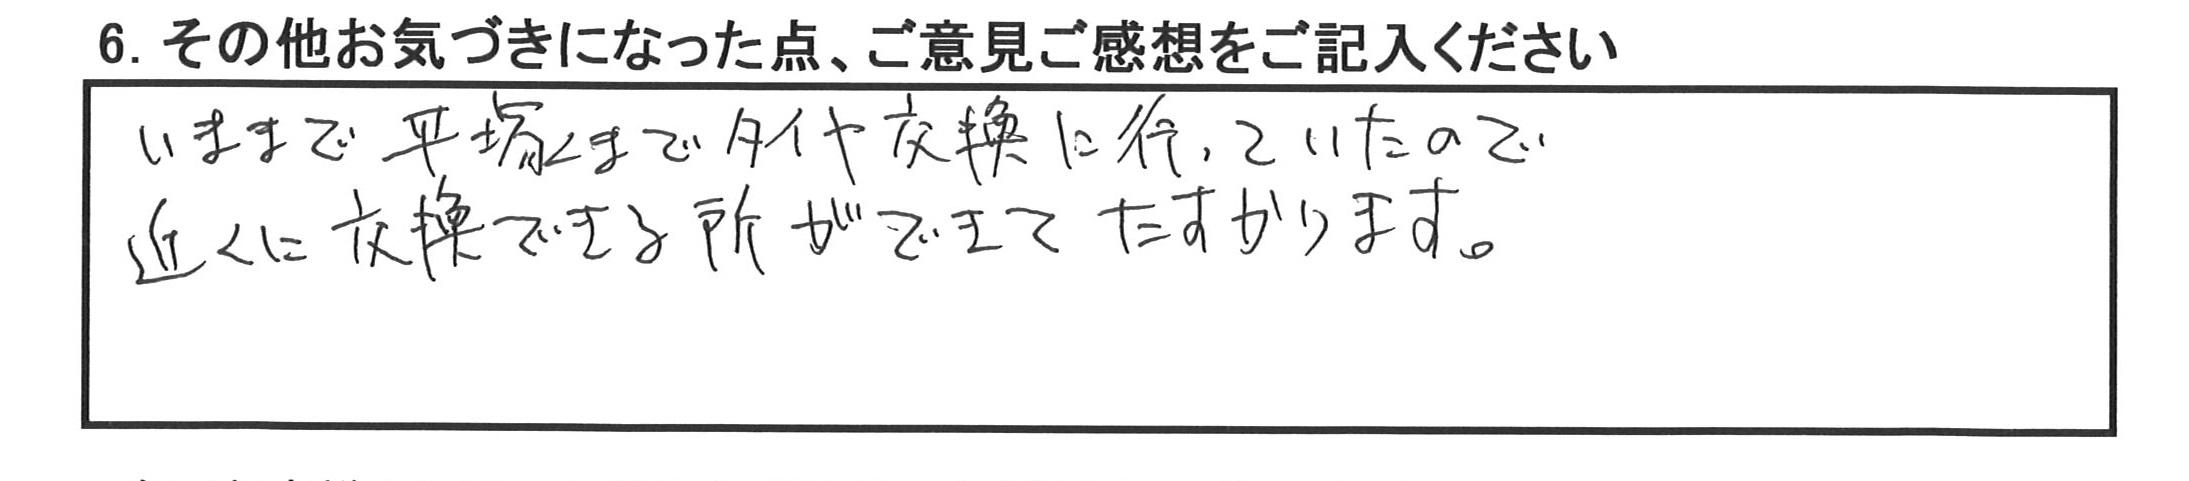 大和市S様より、トヨタカムリのタイヤ交換を承りました